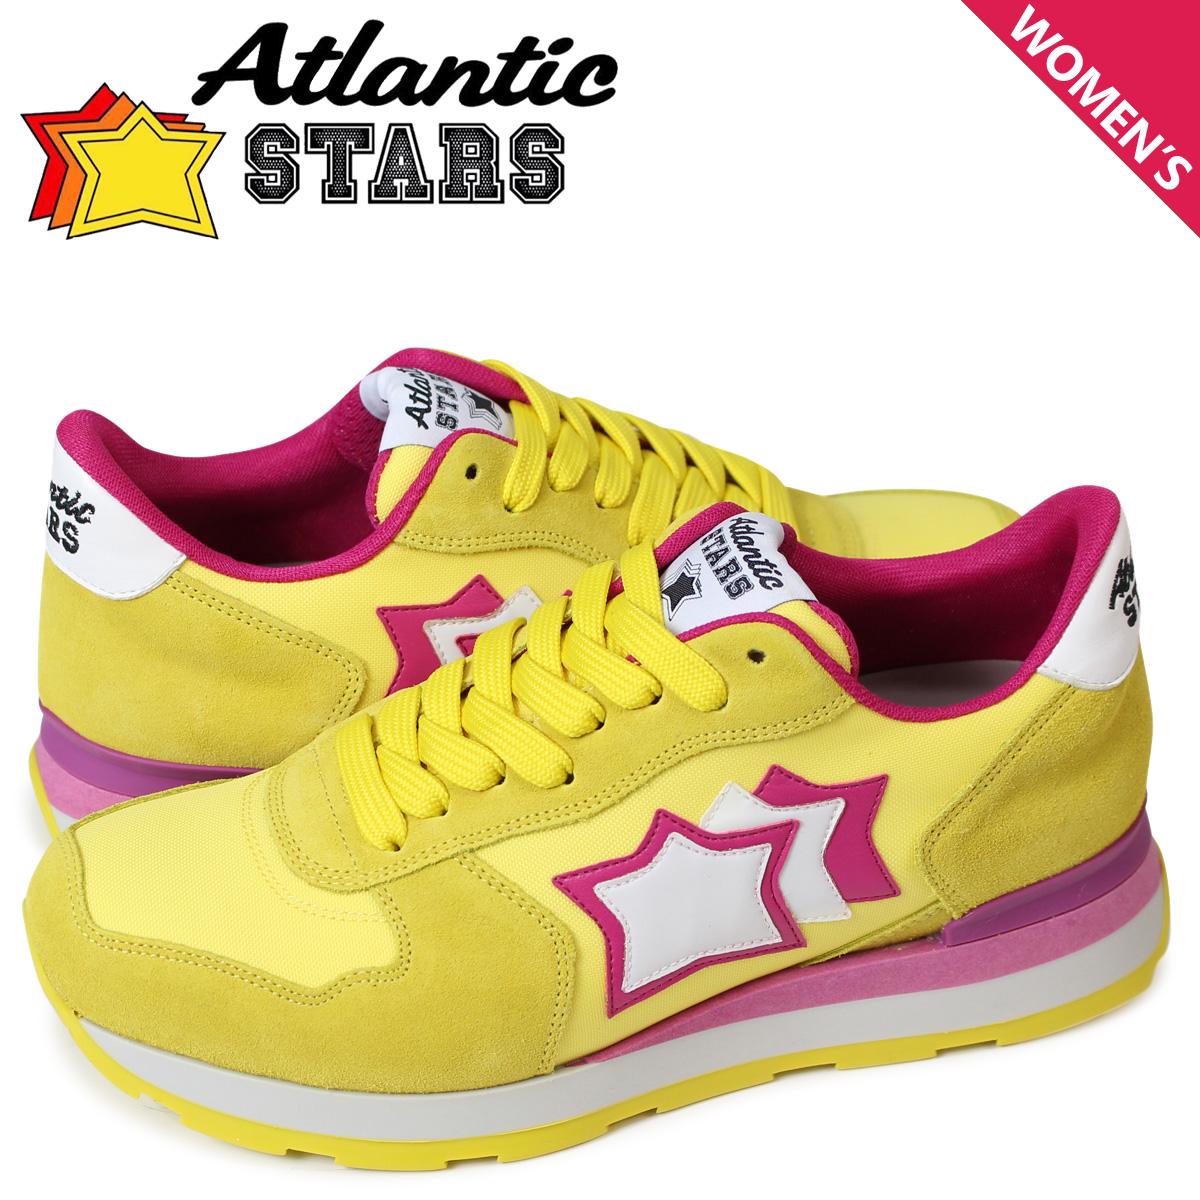 【お買い物マラソンSALE】 アトランティックスターズ Atlantic STARS ベガ スニーカー レディース VEGA GG-82F イエロー